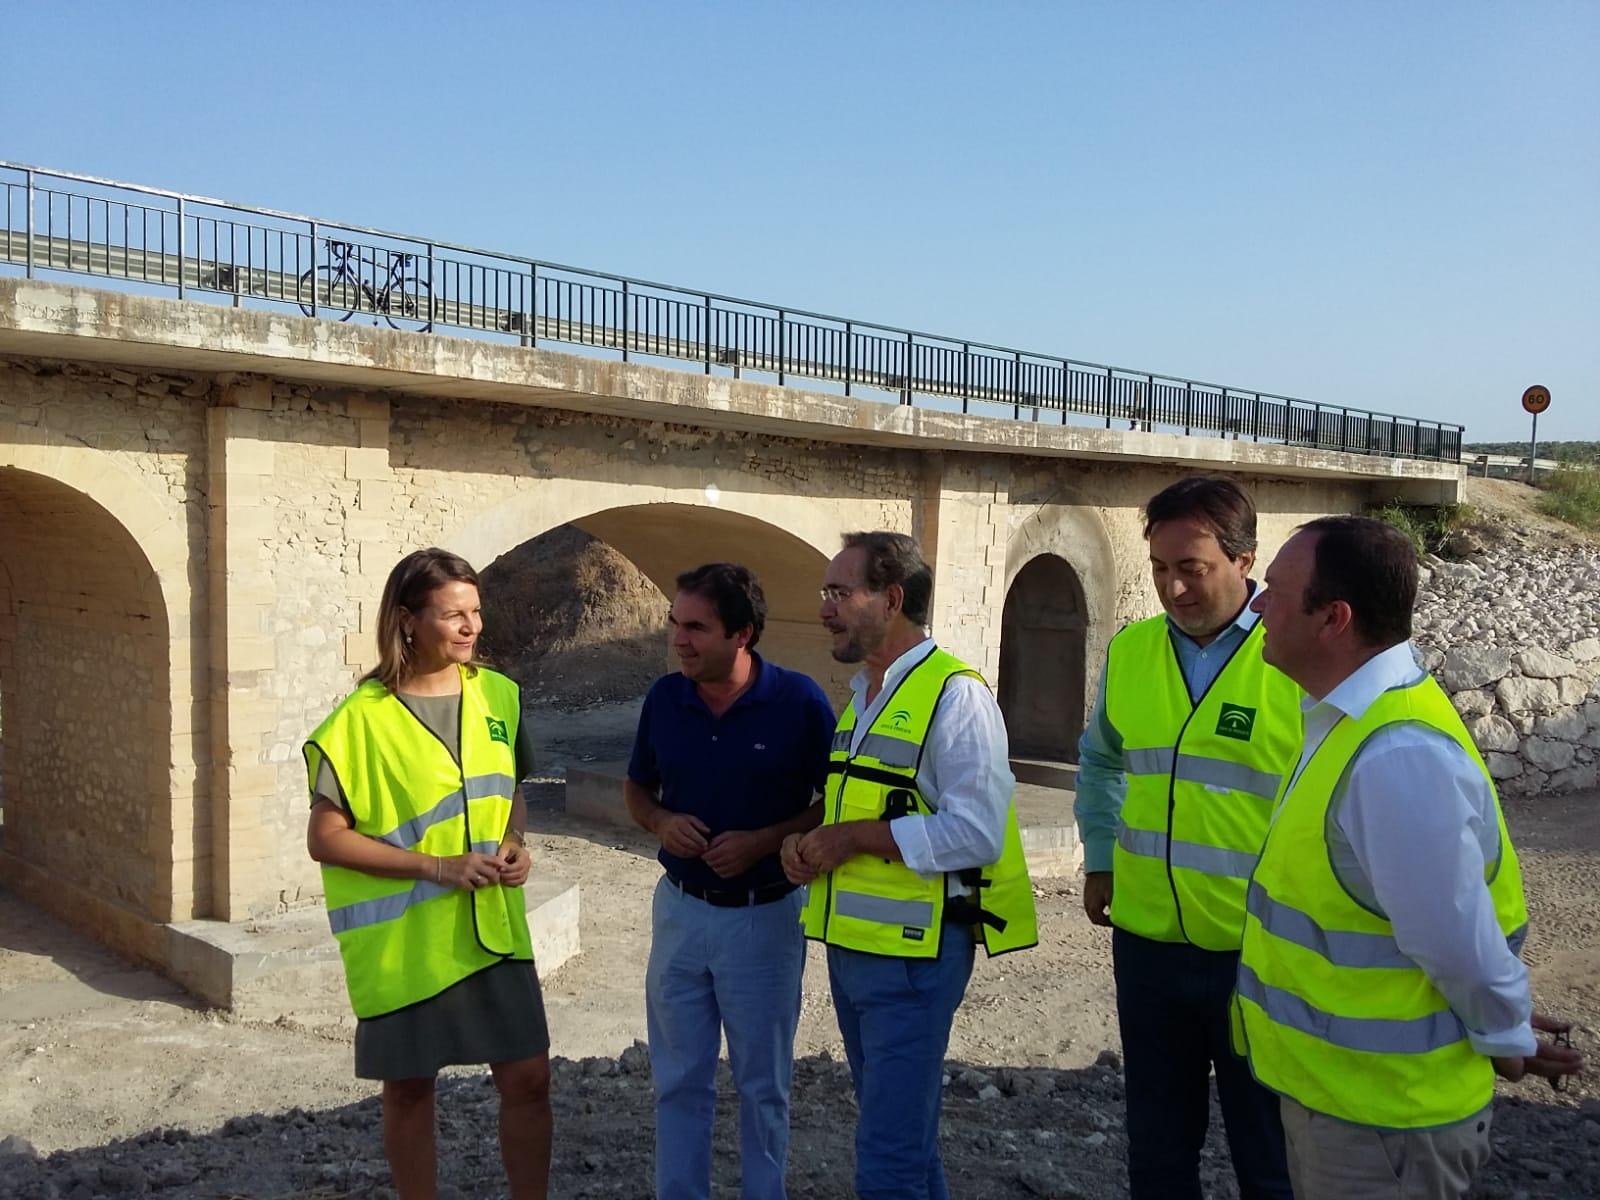 La Junta pone en servicio el puente entre Porcuna y Valenzuela tras las obras de emergencia